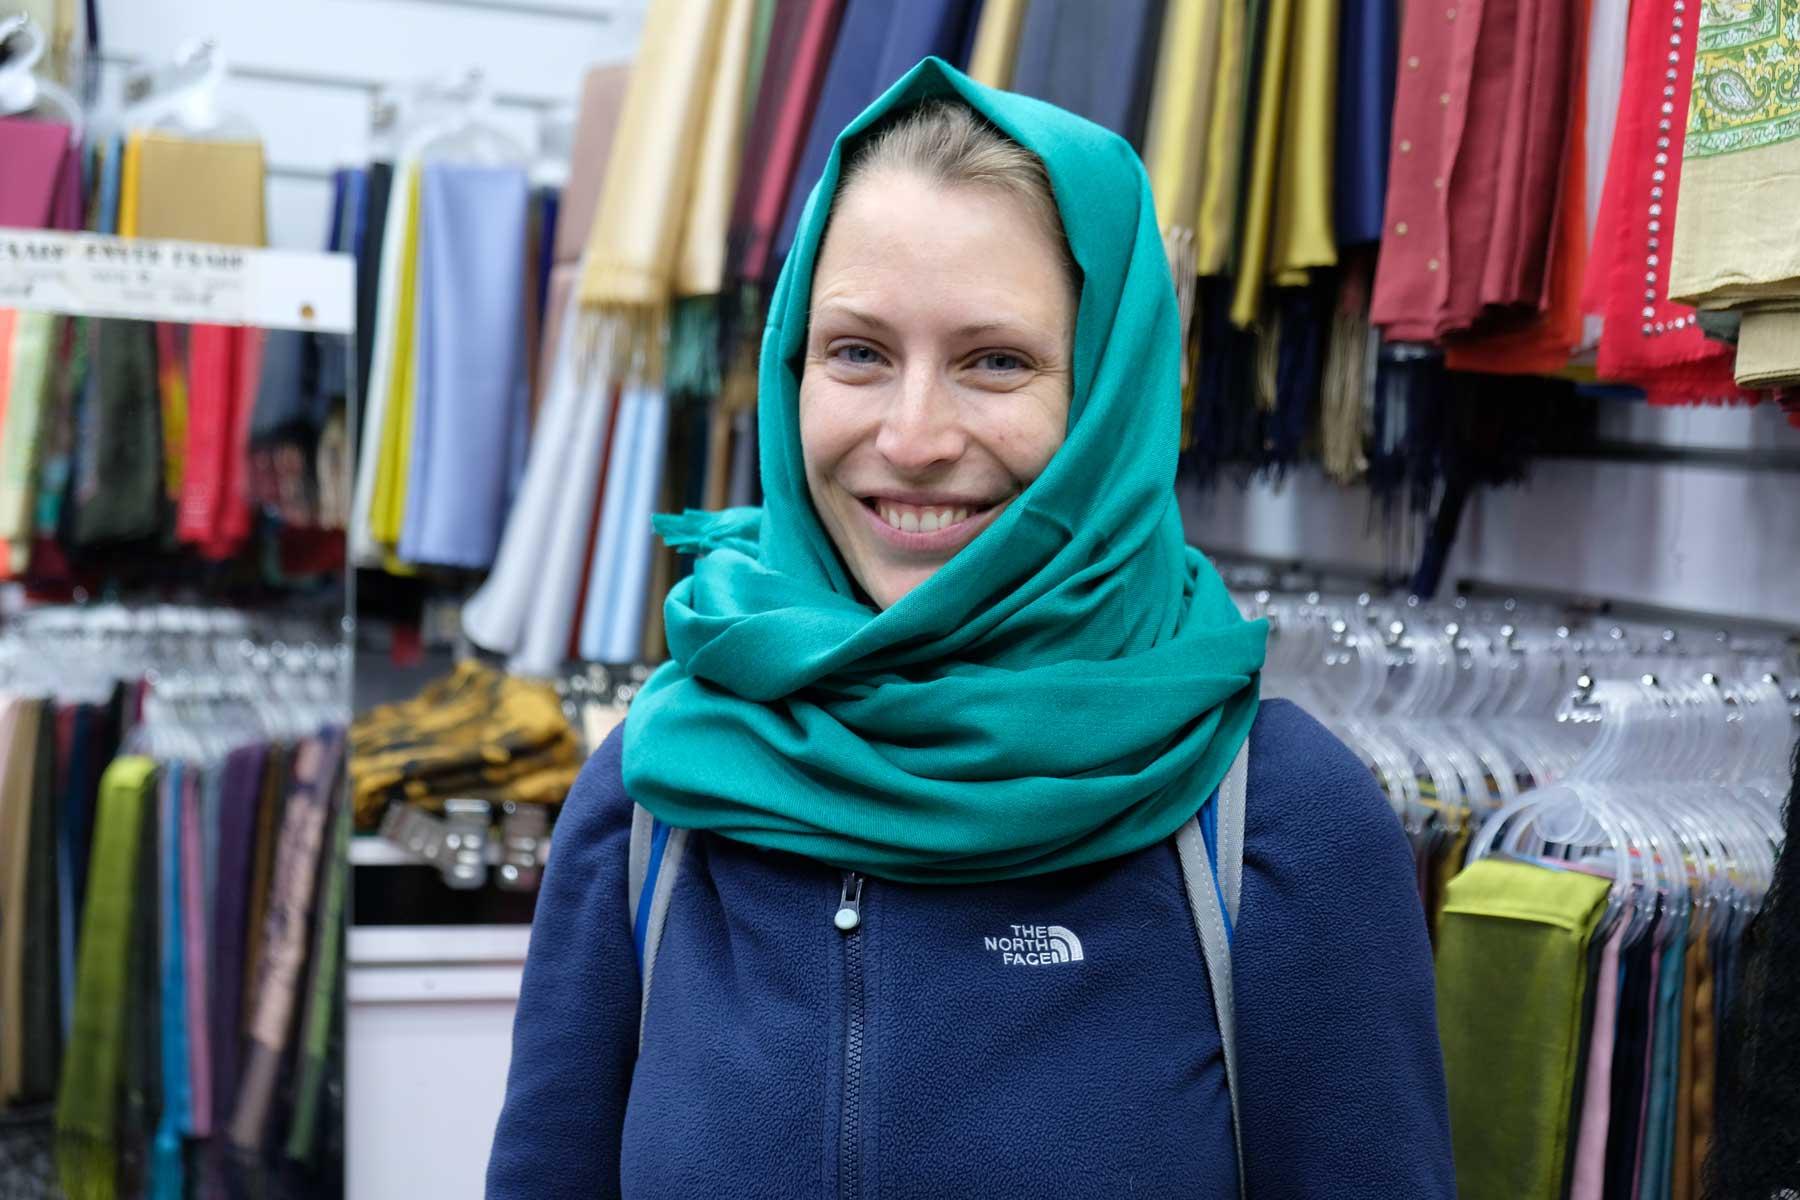 Ein Kopftuch wird für die kommenden Wochen im öffentlichen Raum mein Begleiter sein